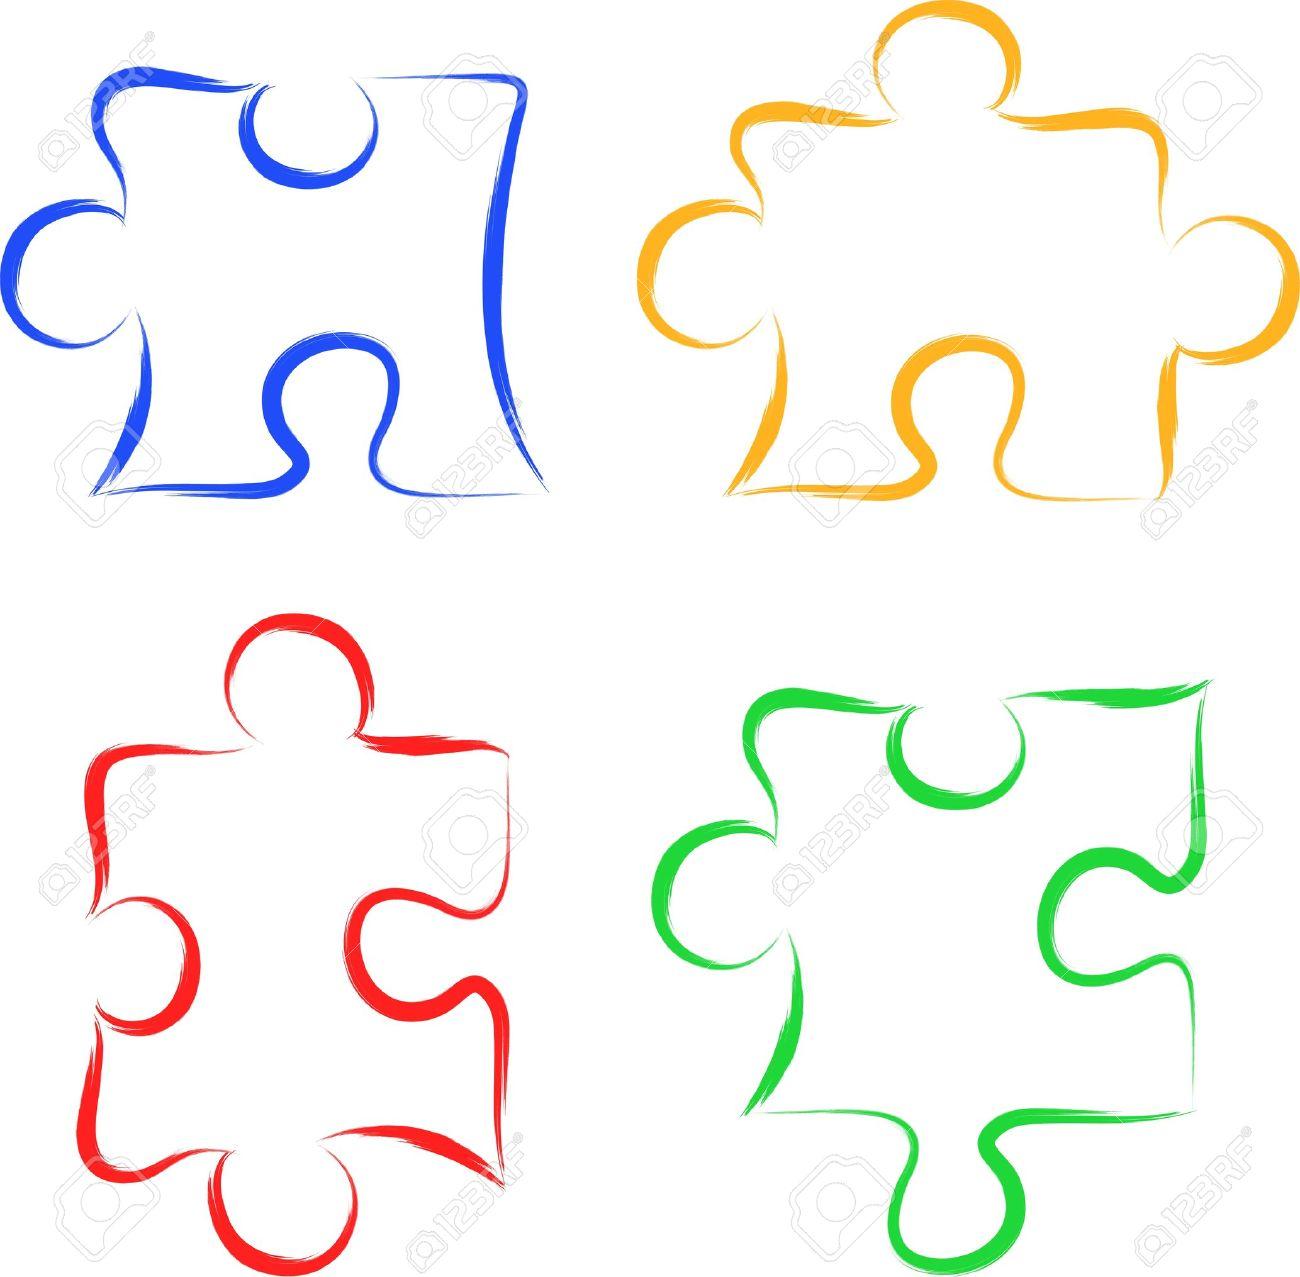 Scribble puzzle pieces - 16135901